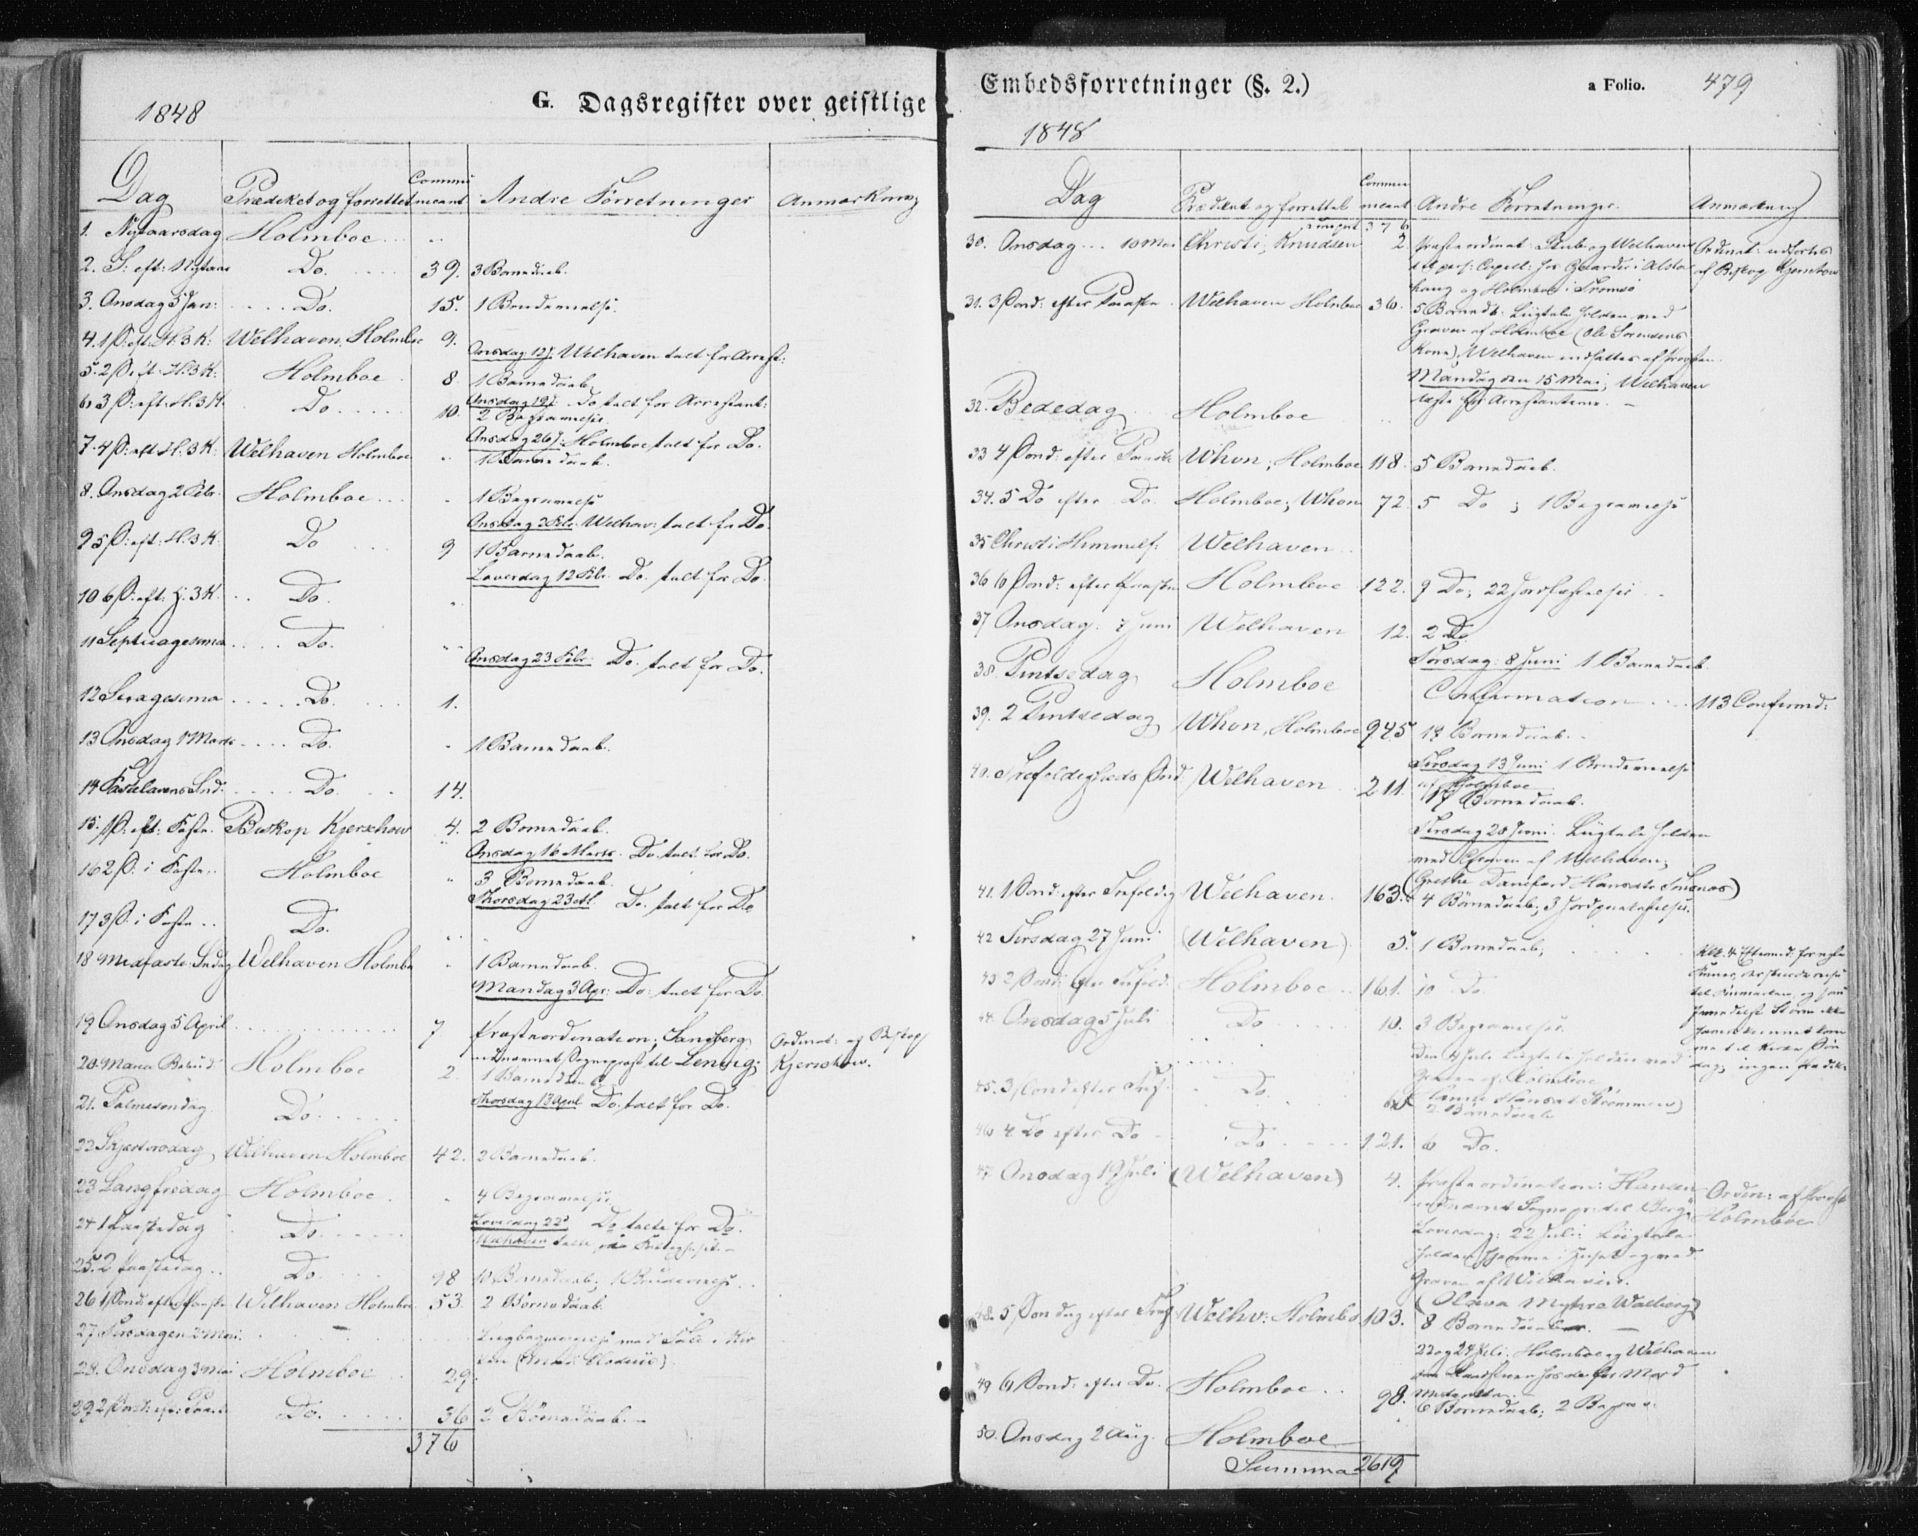 SATØ, Tromsø sokneprestkontor/stiftsprosti/domprosti, G/Ga/L0010kirke: Ministerialbok nr. 10, 1848-1855, s. 479